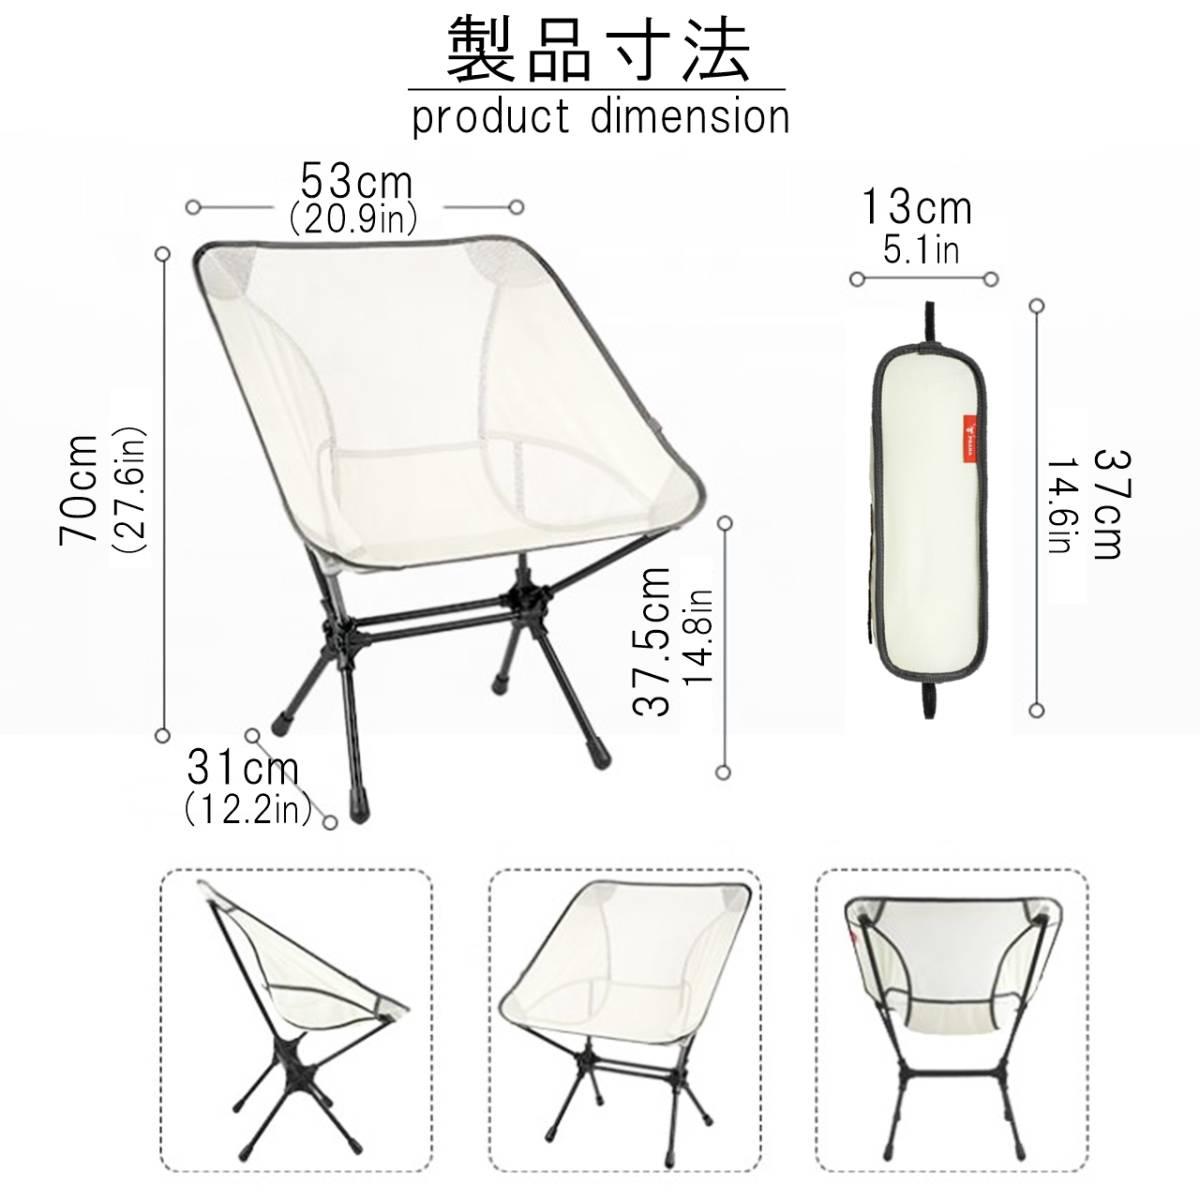 軽くて頑丈!ロゴなし 折りたたみ椅子 キャンプ チェアー アウトドア folding chair アルミ軽量チェア 耐荷重 120kg